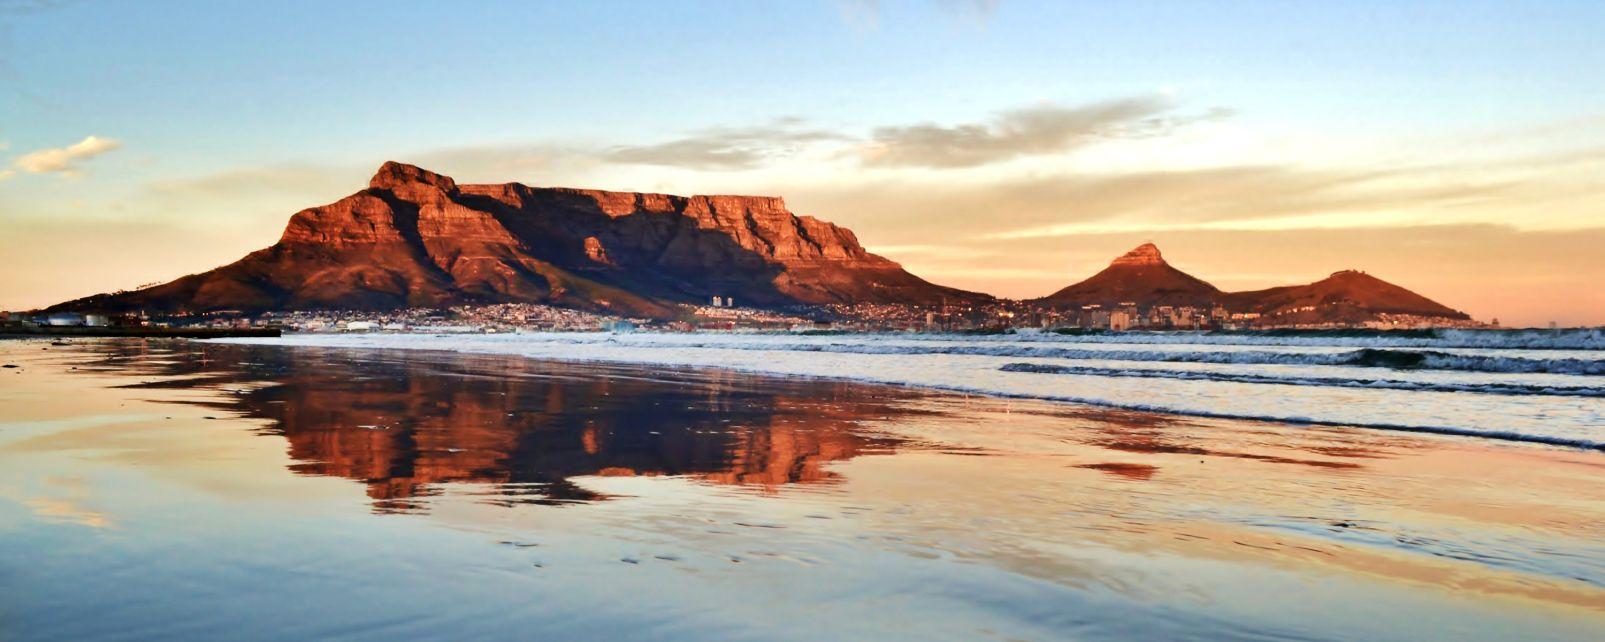 Les paysages, afrique du sud, le pac, table, afrique, côte